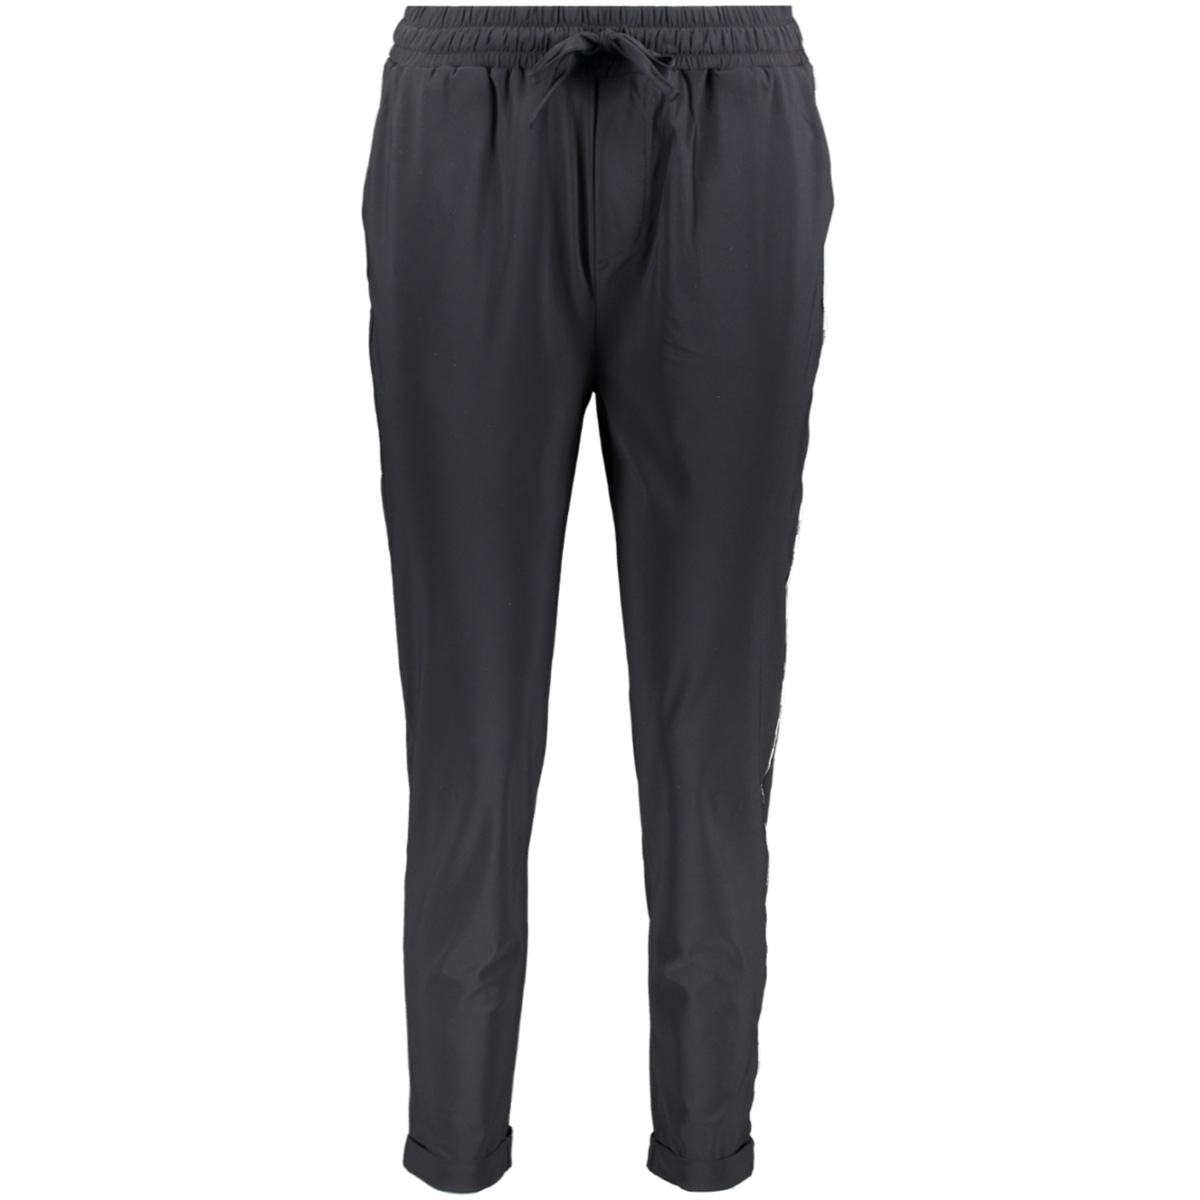 easy pants piping 20 054 0201 10 days broek 1012 black